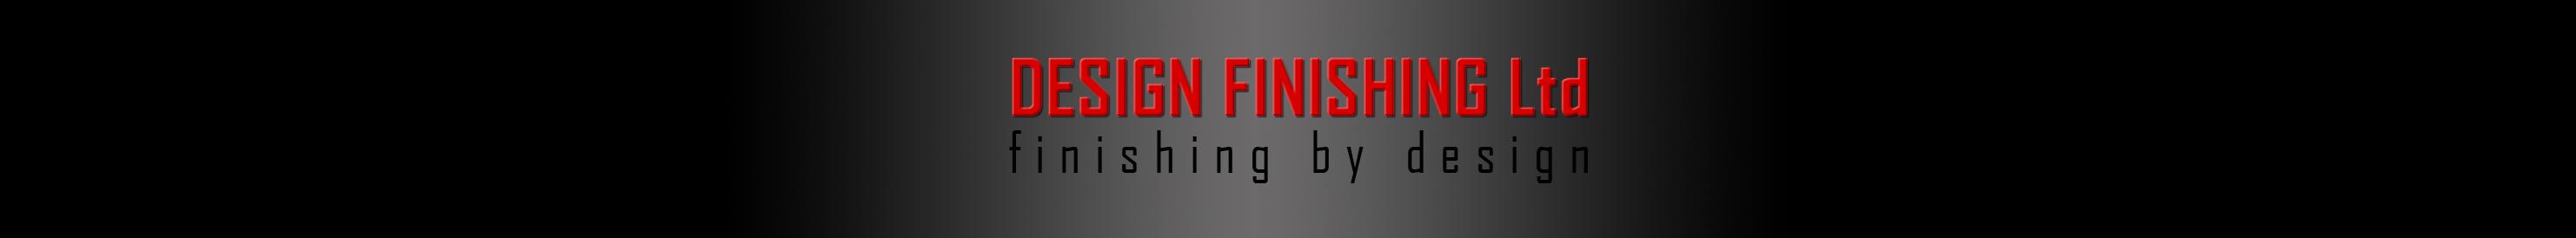 Design Finishing Ltd | Powder coating, Stove enameling